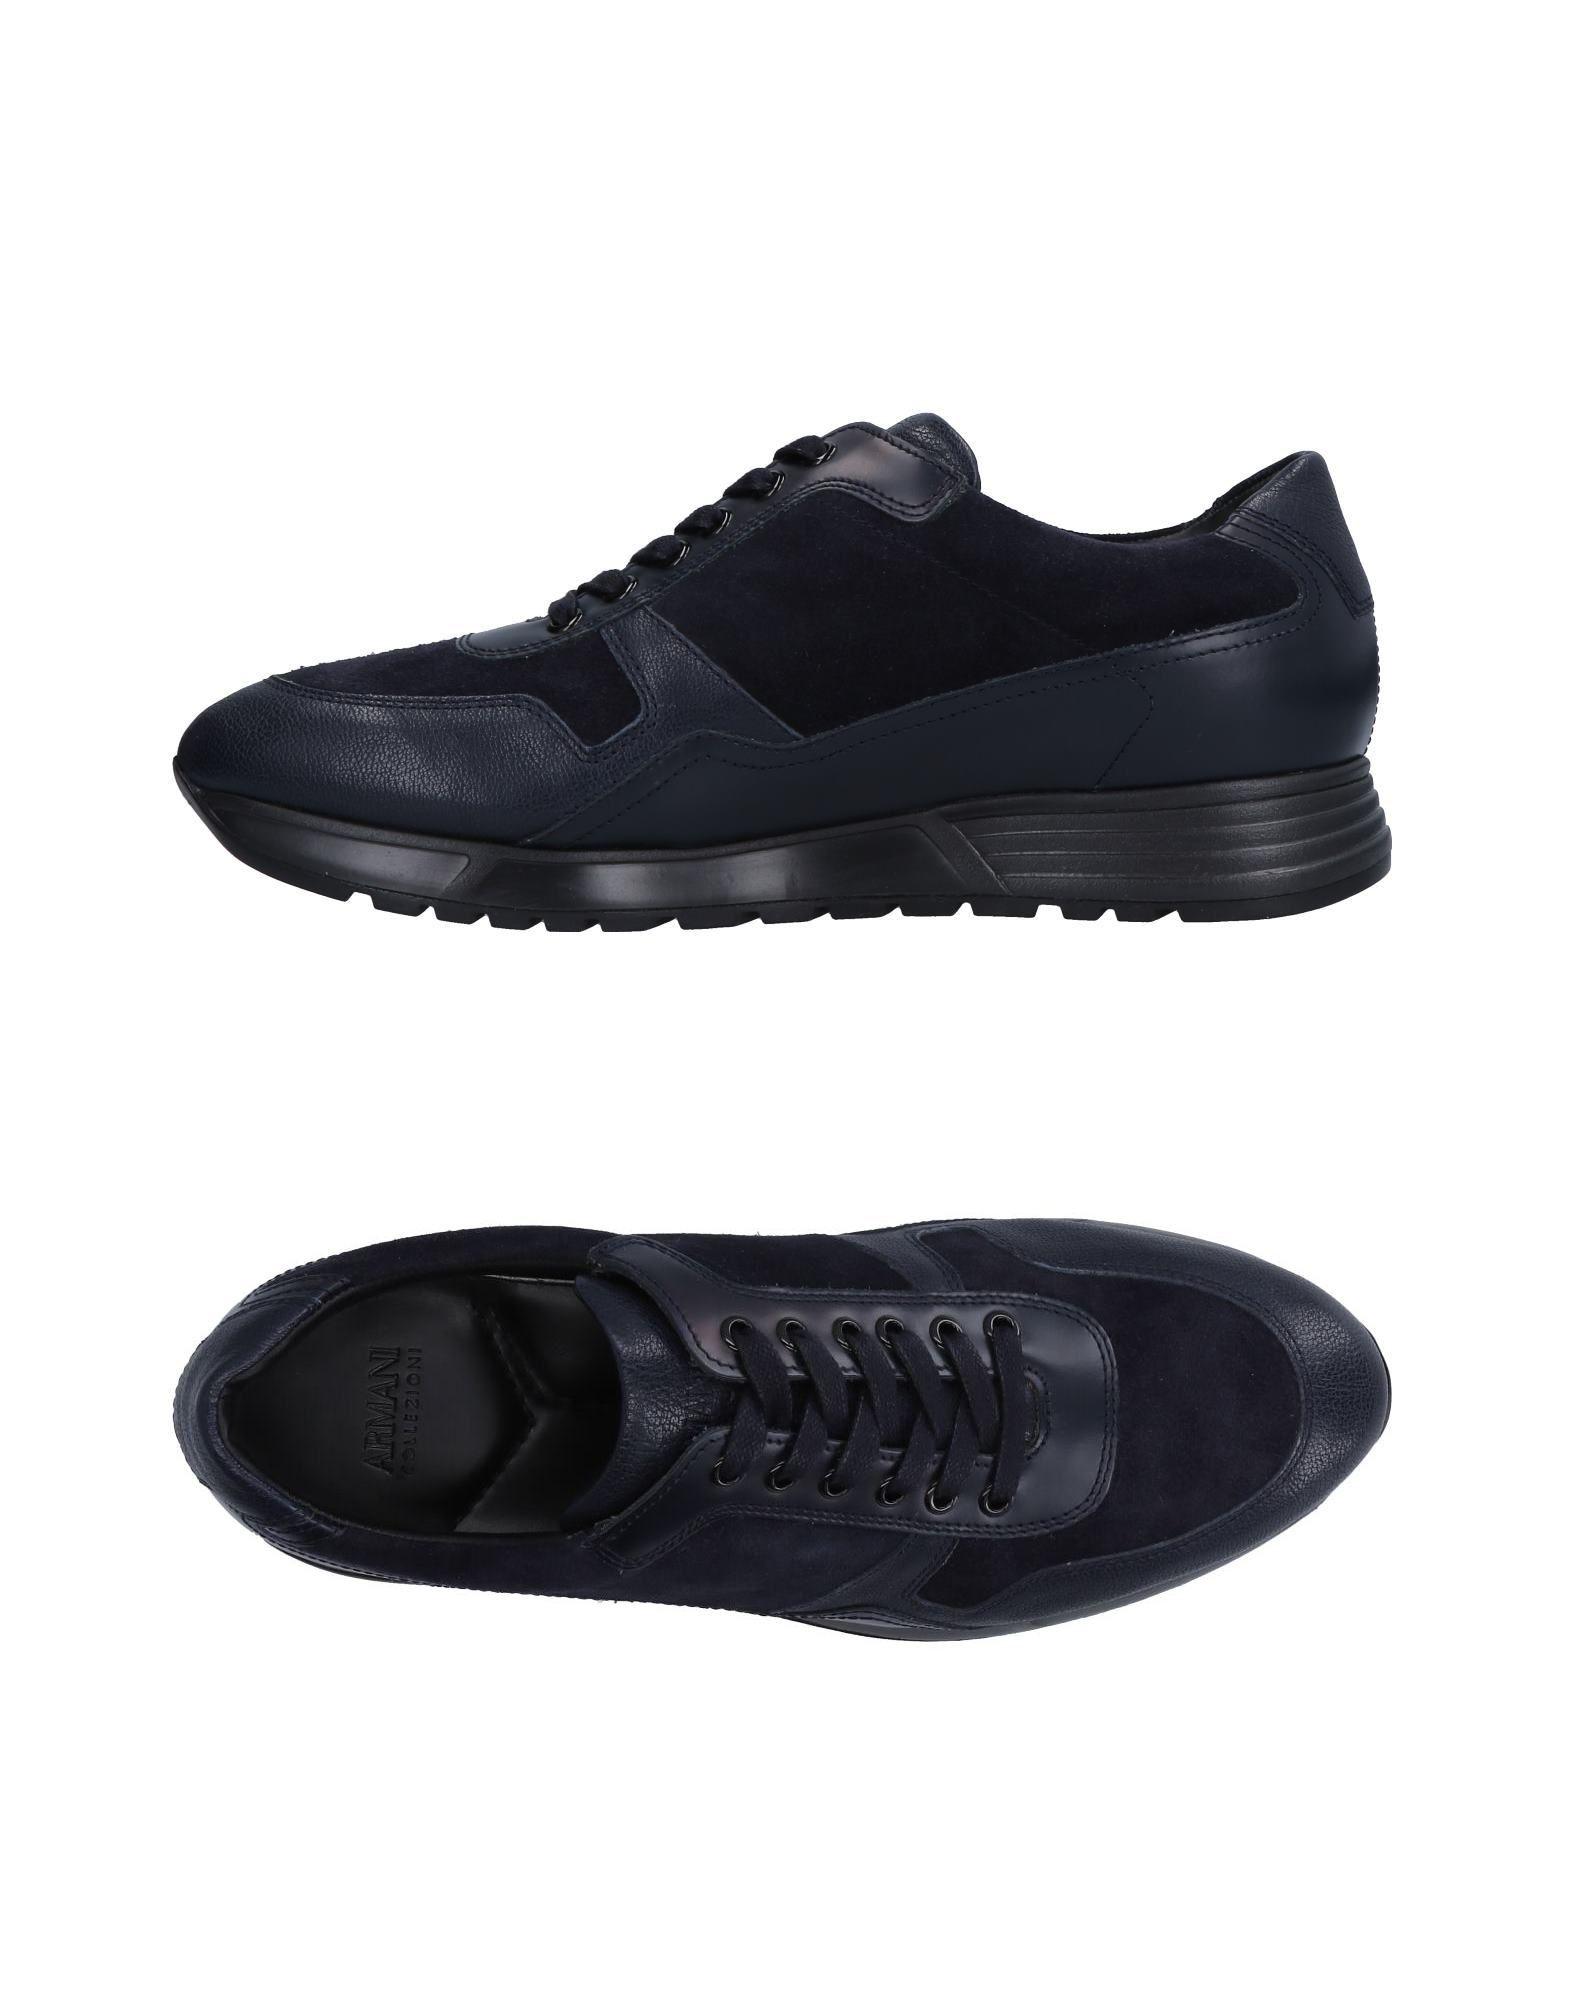 Armani Collezioni Collezioni Sneakers - Men Armani Collezioni Collezioni Sneakers online on  United Kingdom - 11519562MR 28a6ef